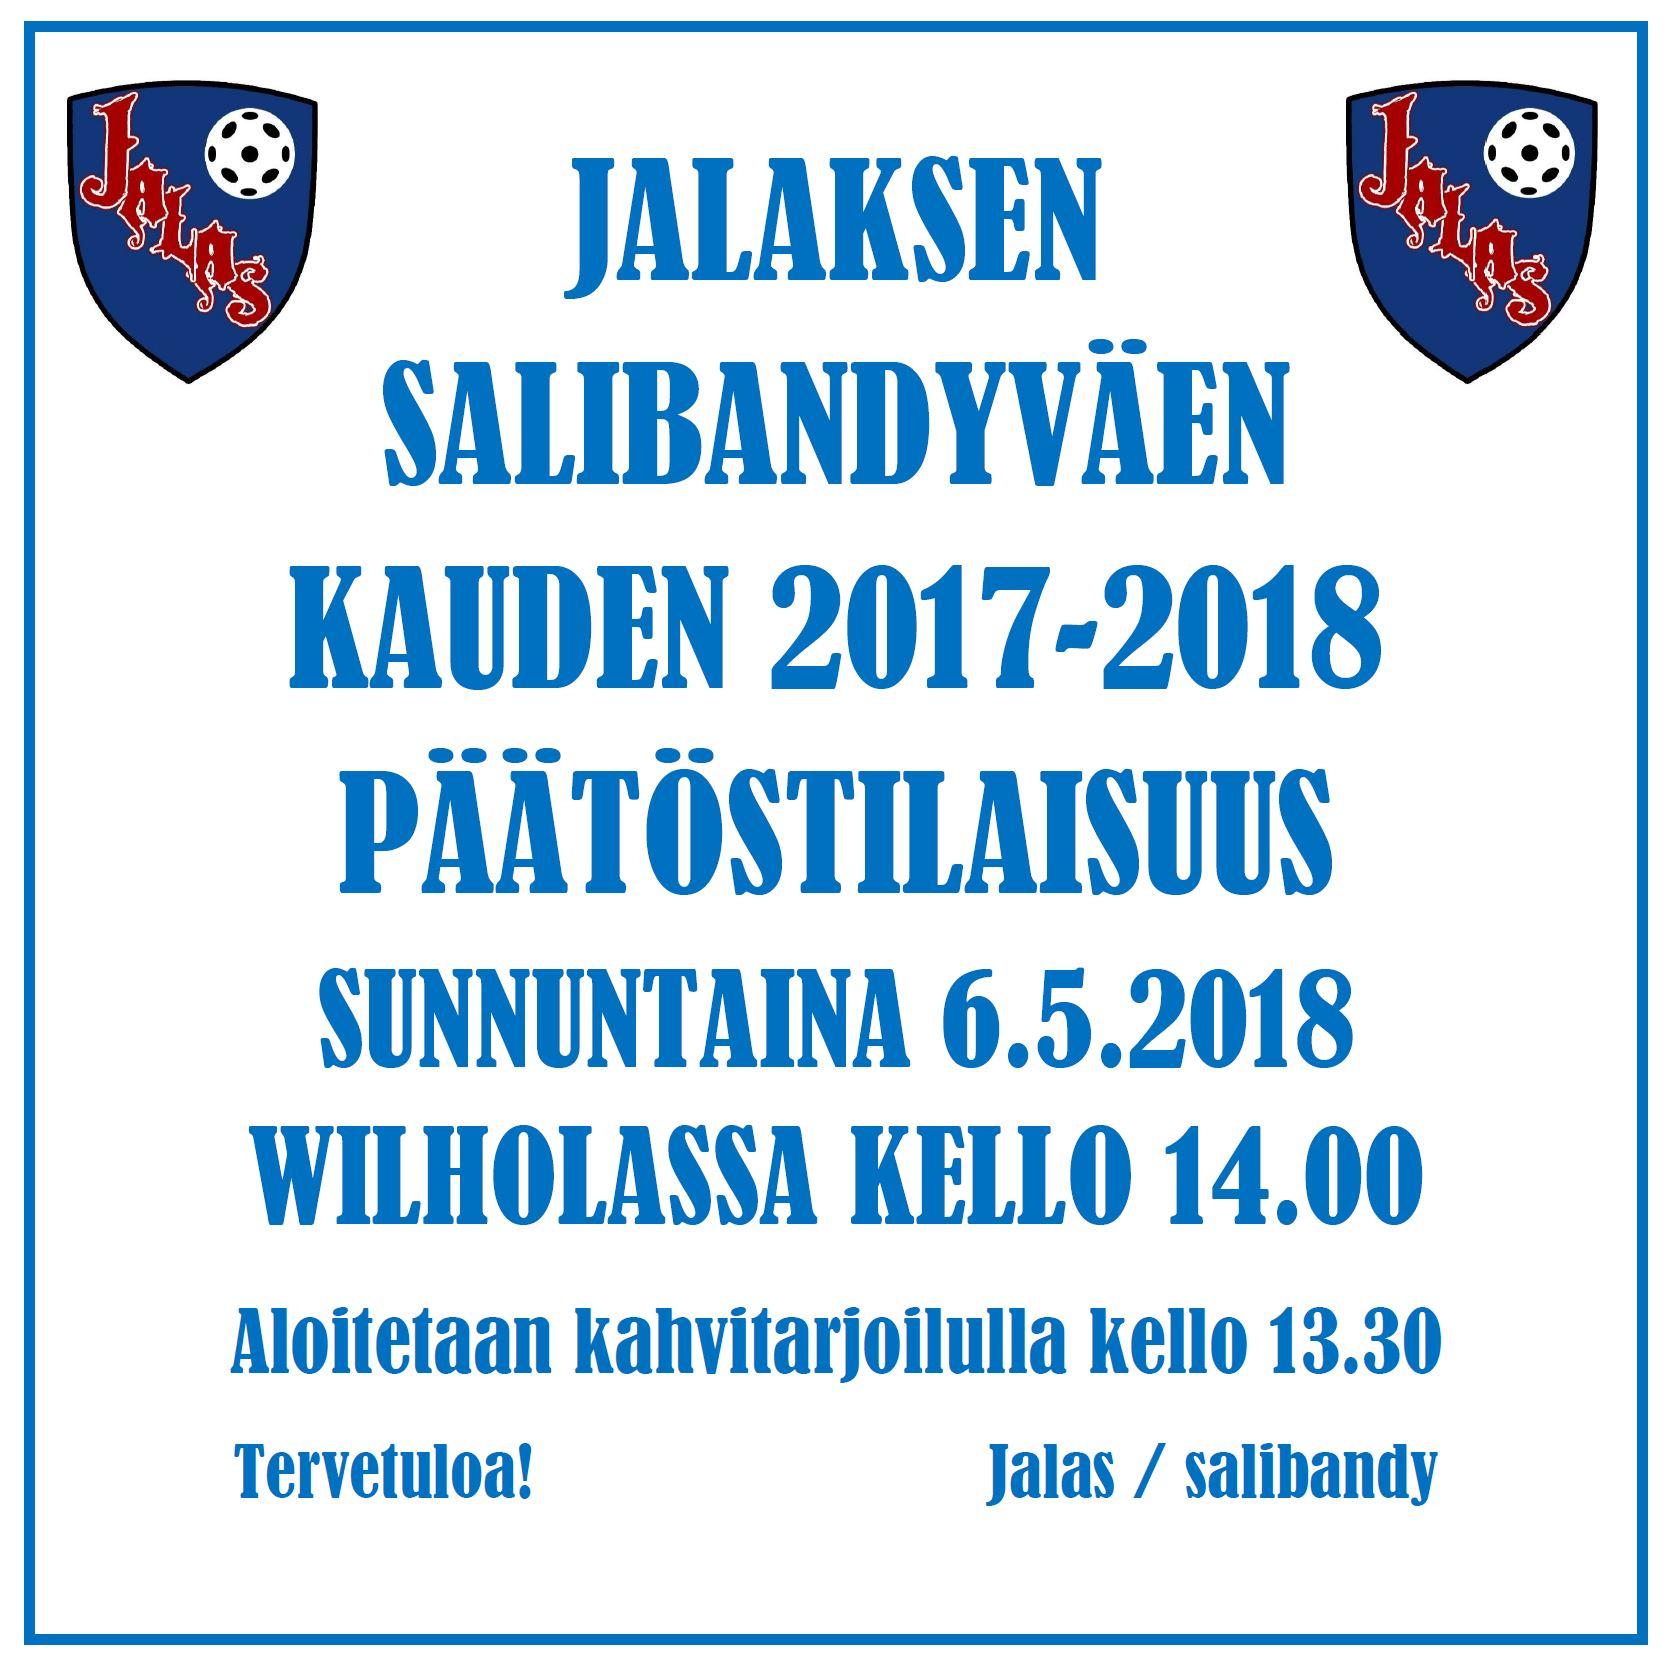 Päätöstilaisuus 2017-2018 ig.JPG